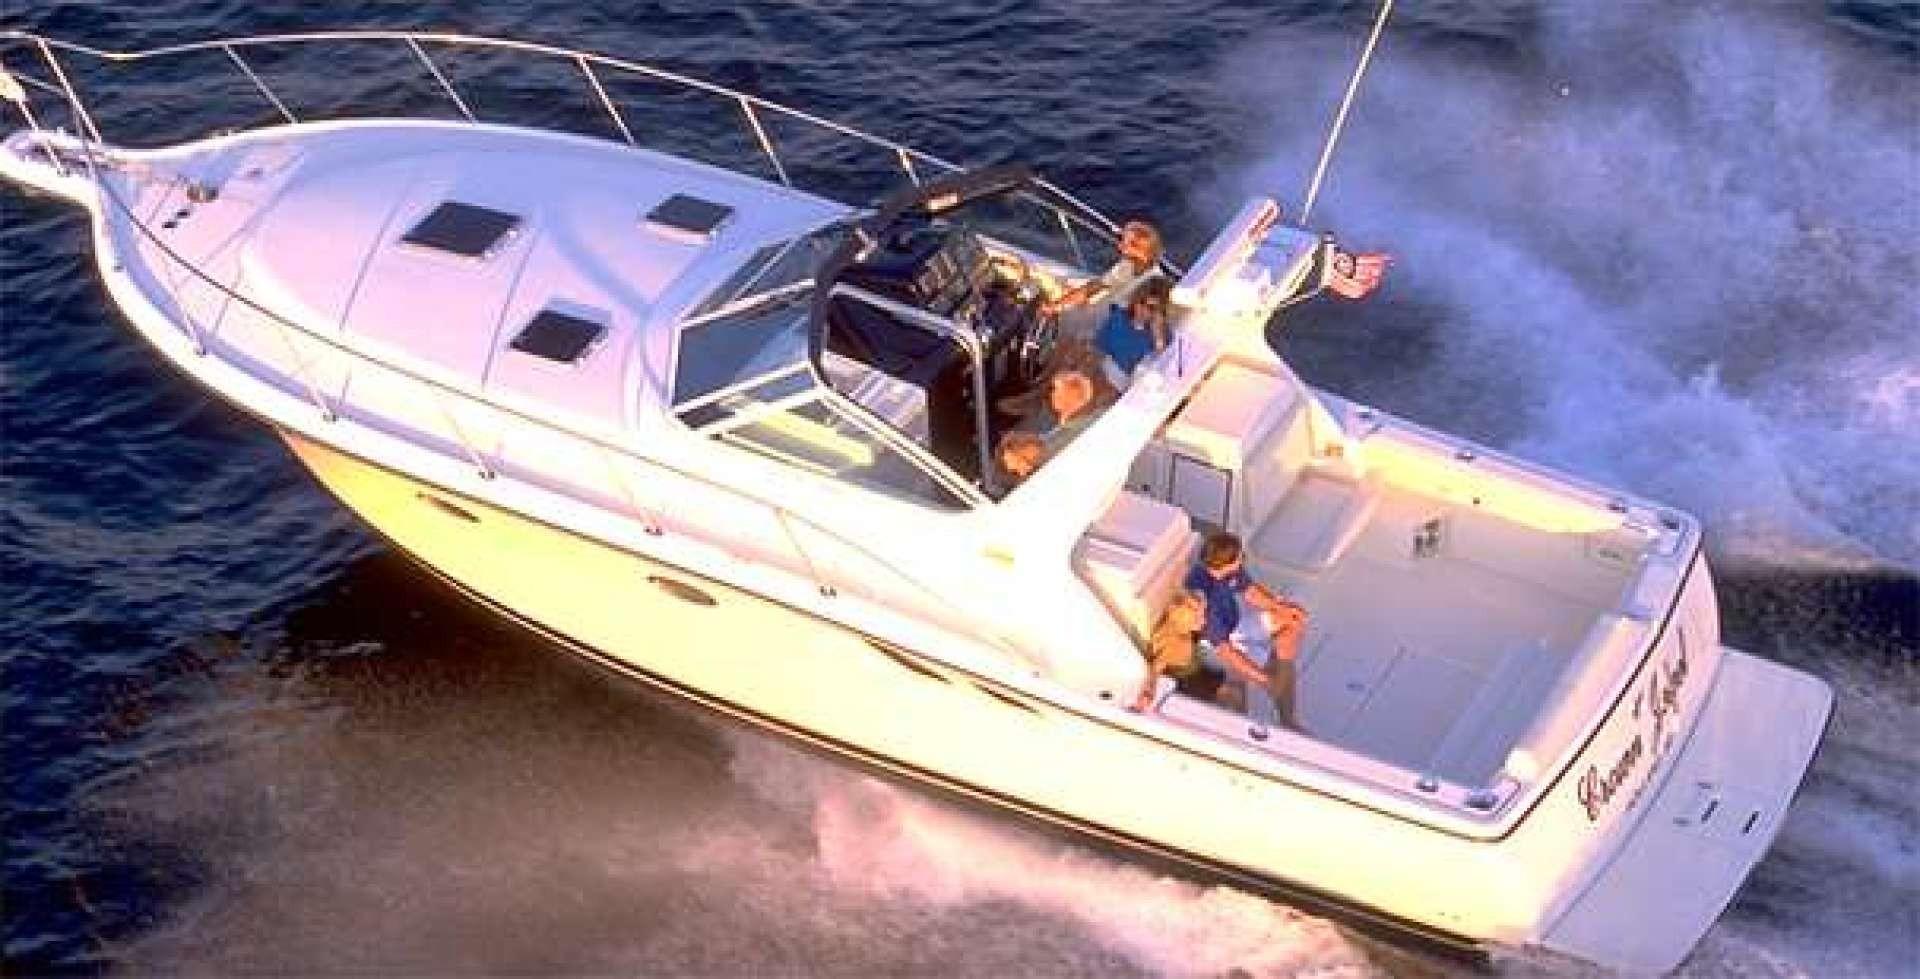 35' NO NAME 2000 Tiara 3500 Open Cruiser Motor Yacht